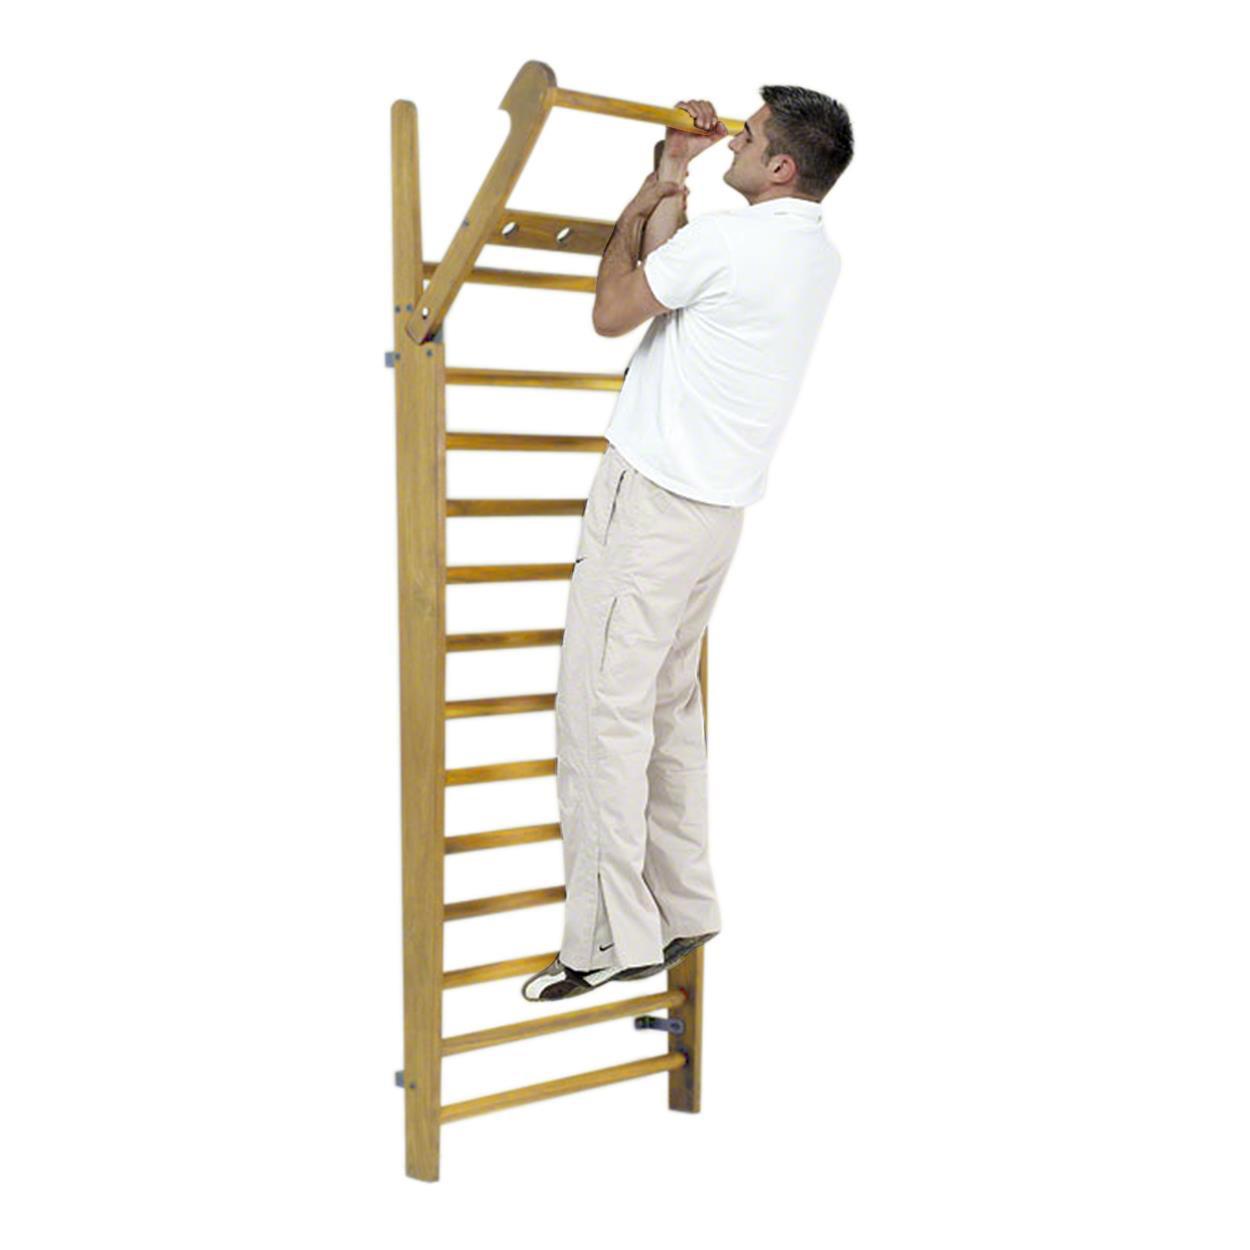 Køb vægribbe og fitnessribbe til din træning - træribbe og idrætsribber